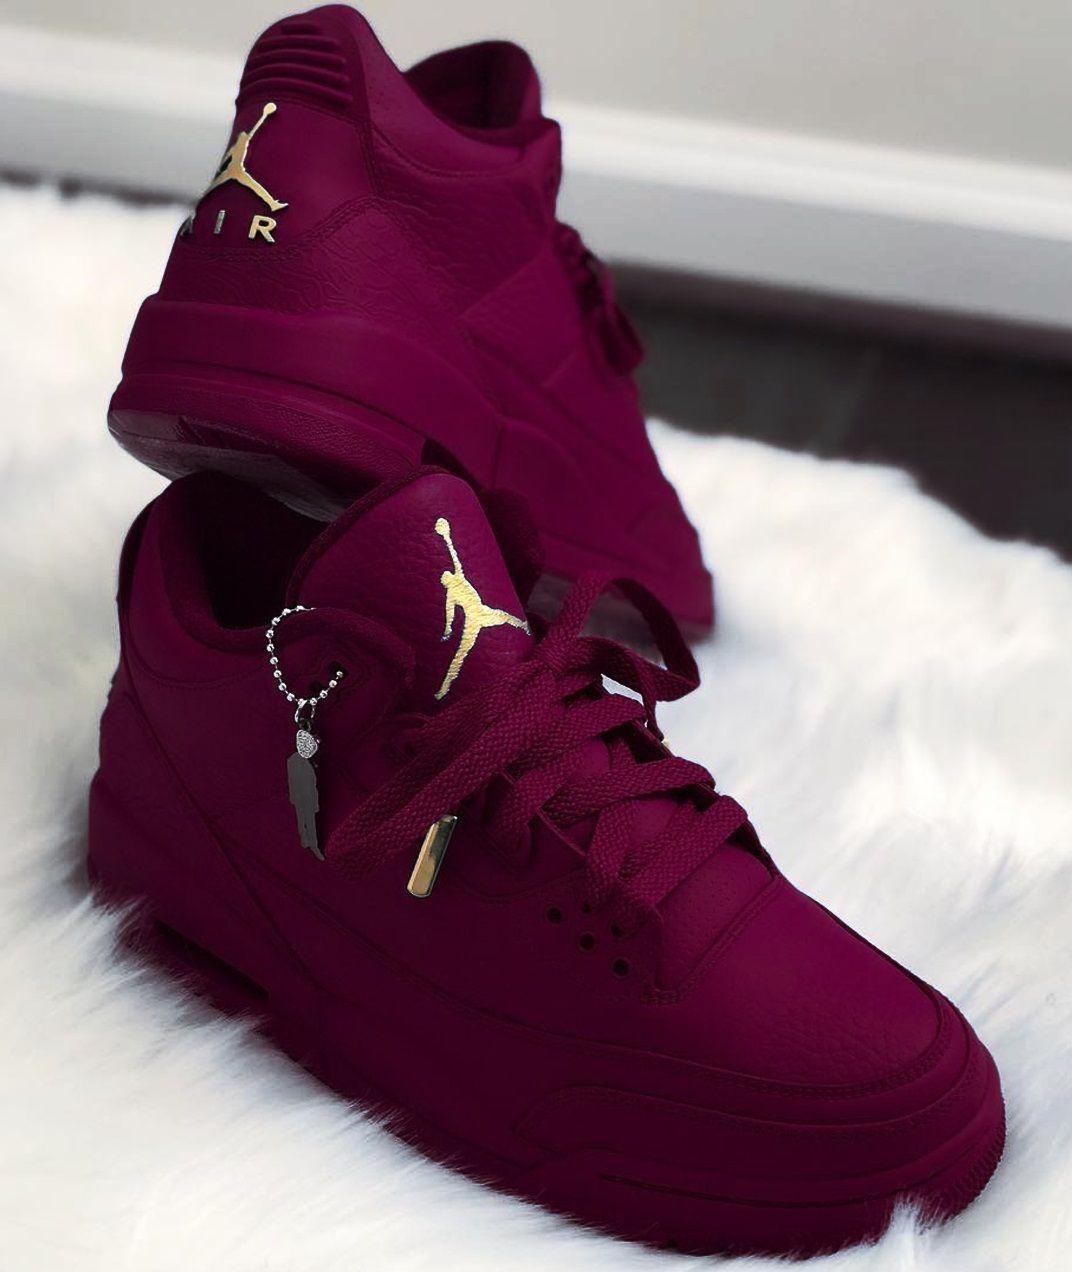 0bb38ea8bdb Air Jordan Violet | Sneakerz | Shoes, Jordans sneakers, Air jordan ...